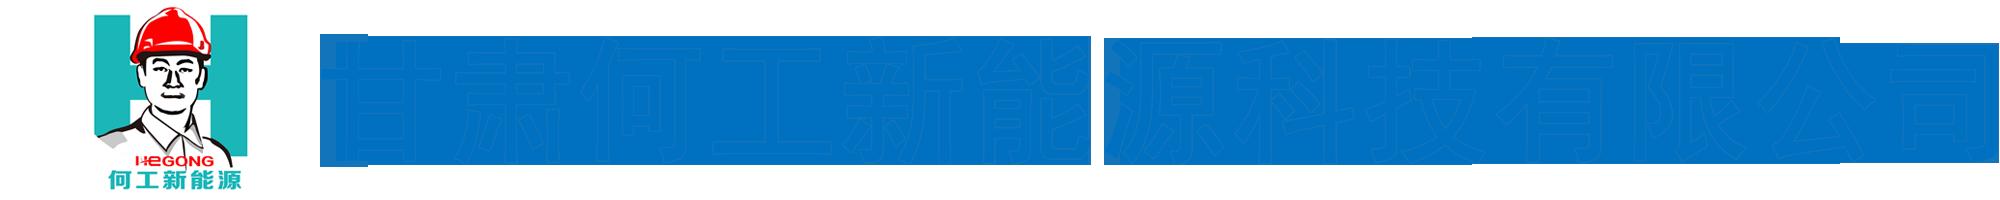 甘肃亚美AM8手机APP 有限公司